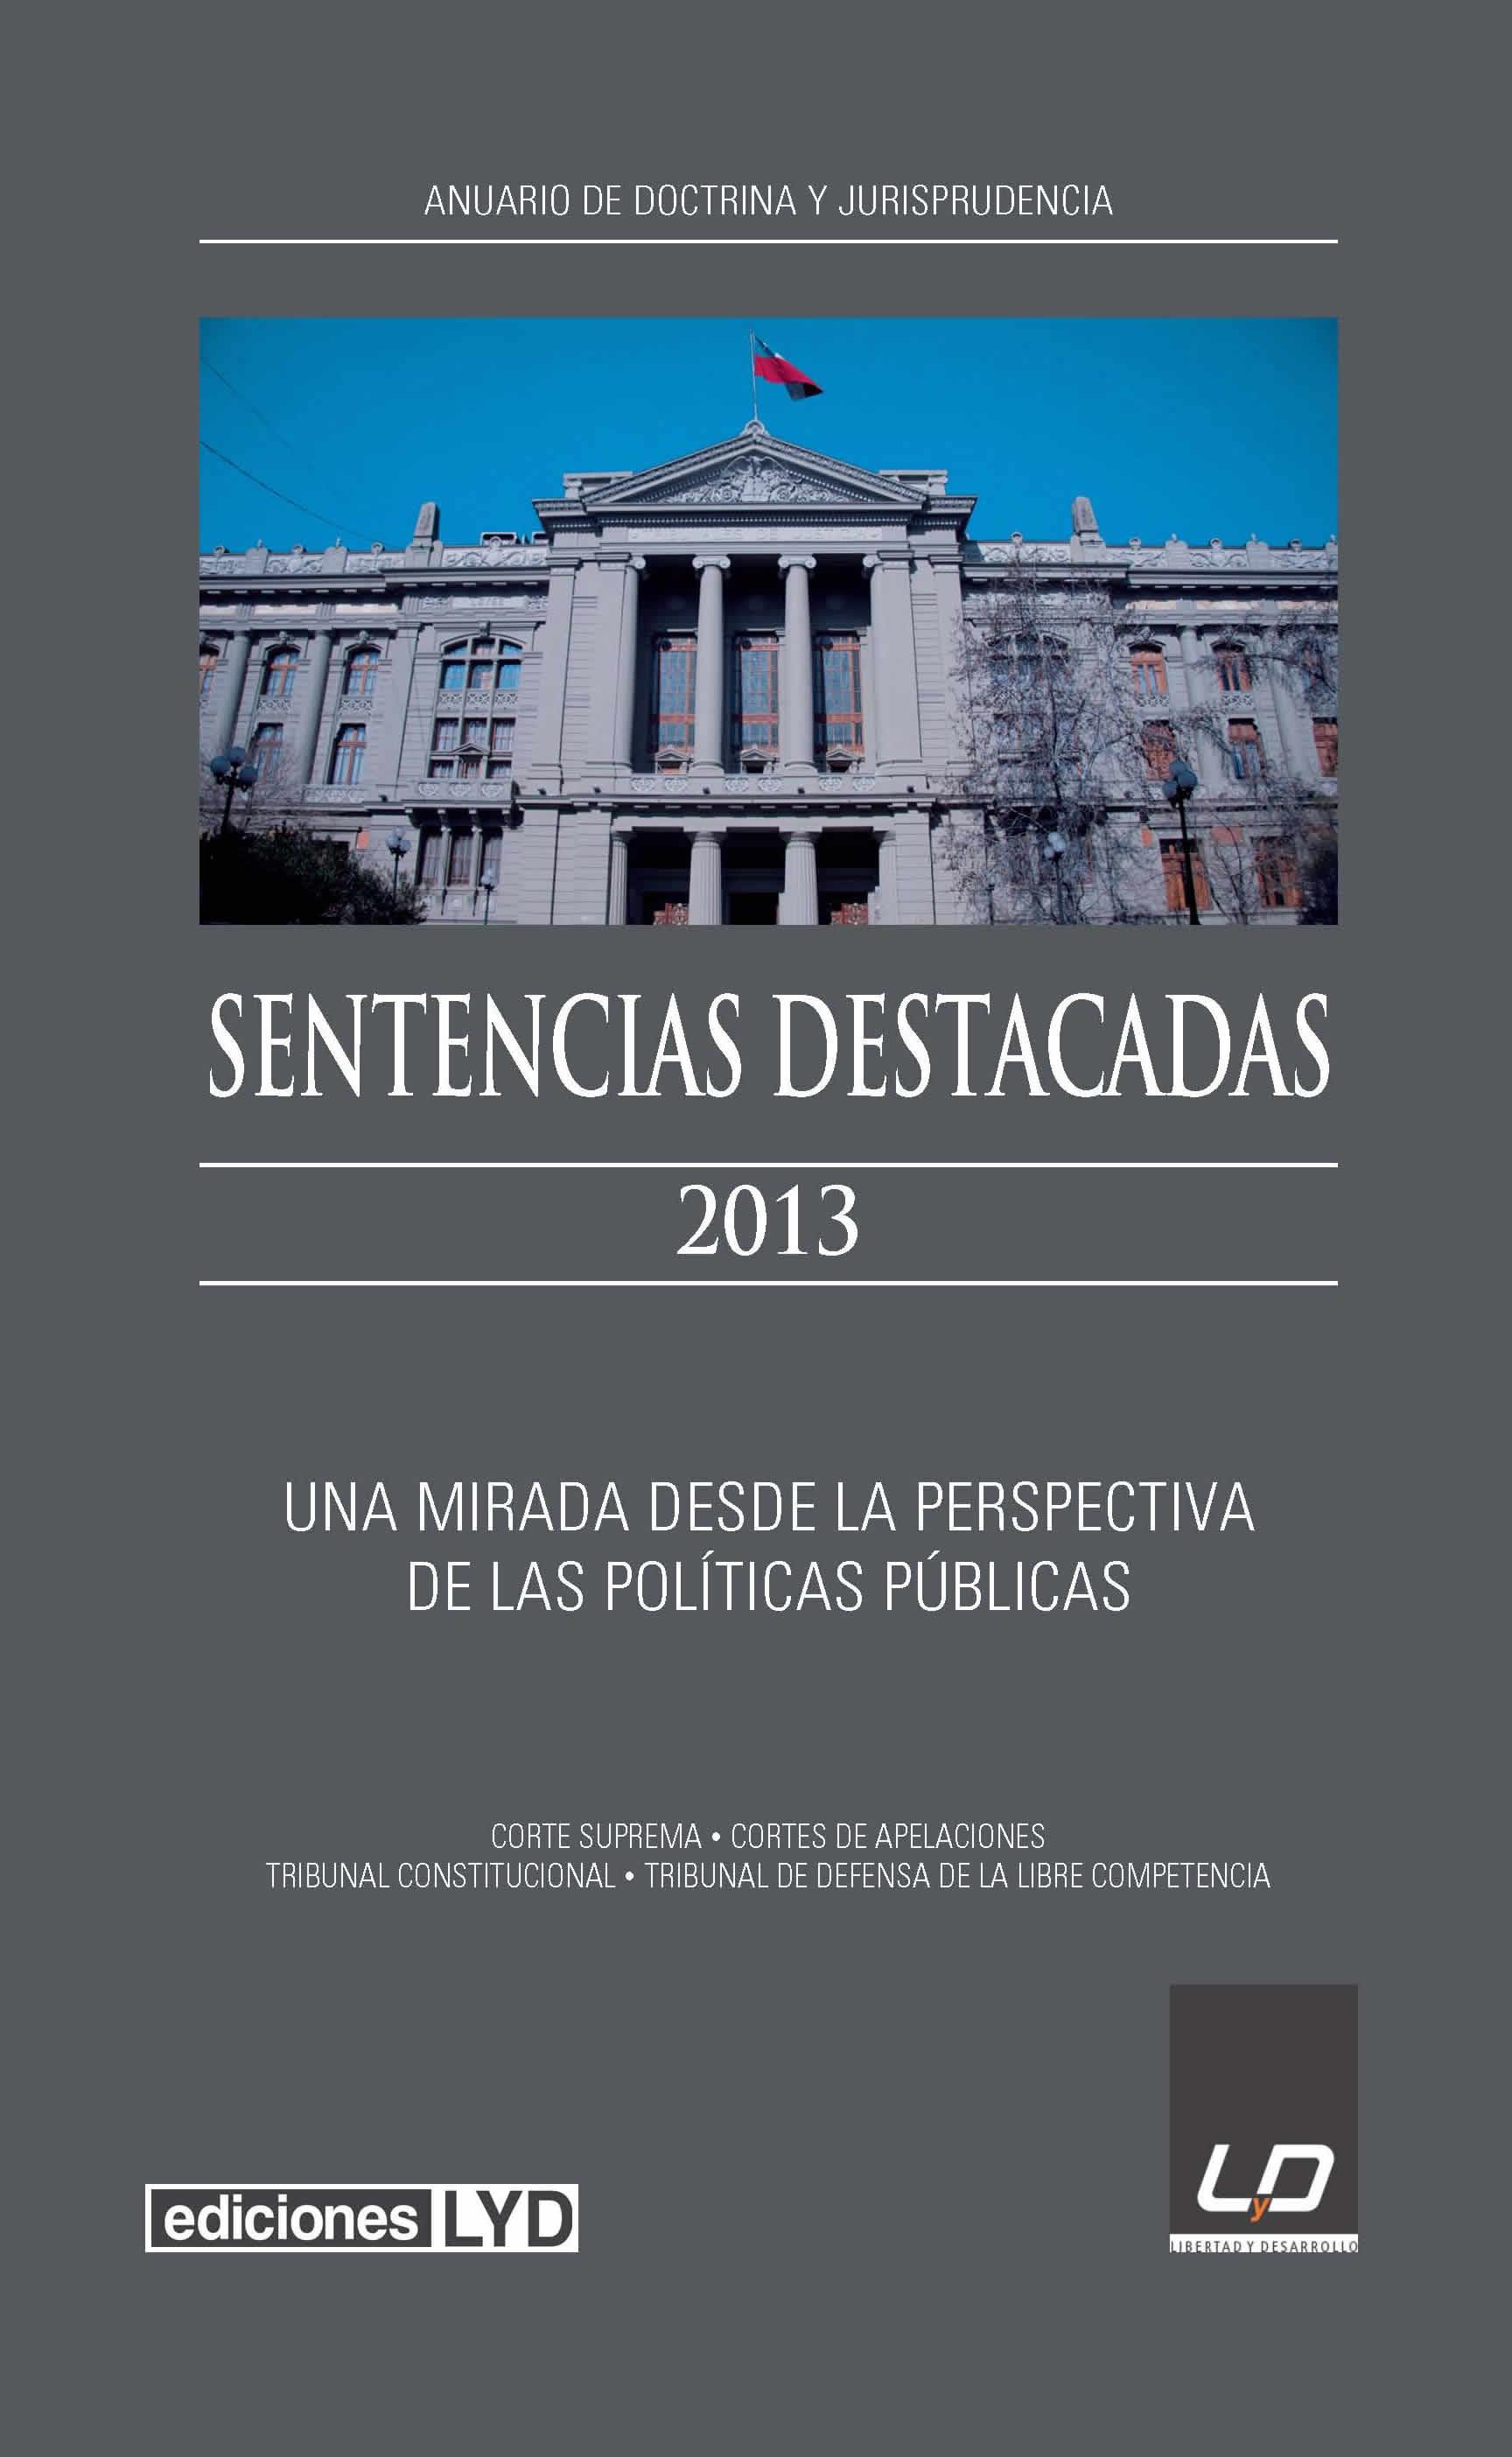 Sentencias Destacadas 2013